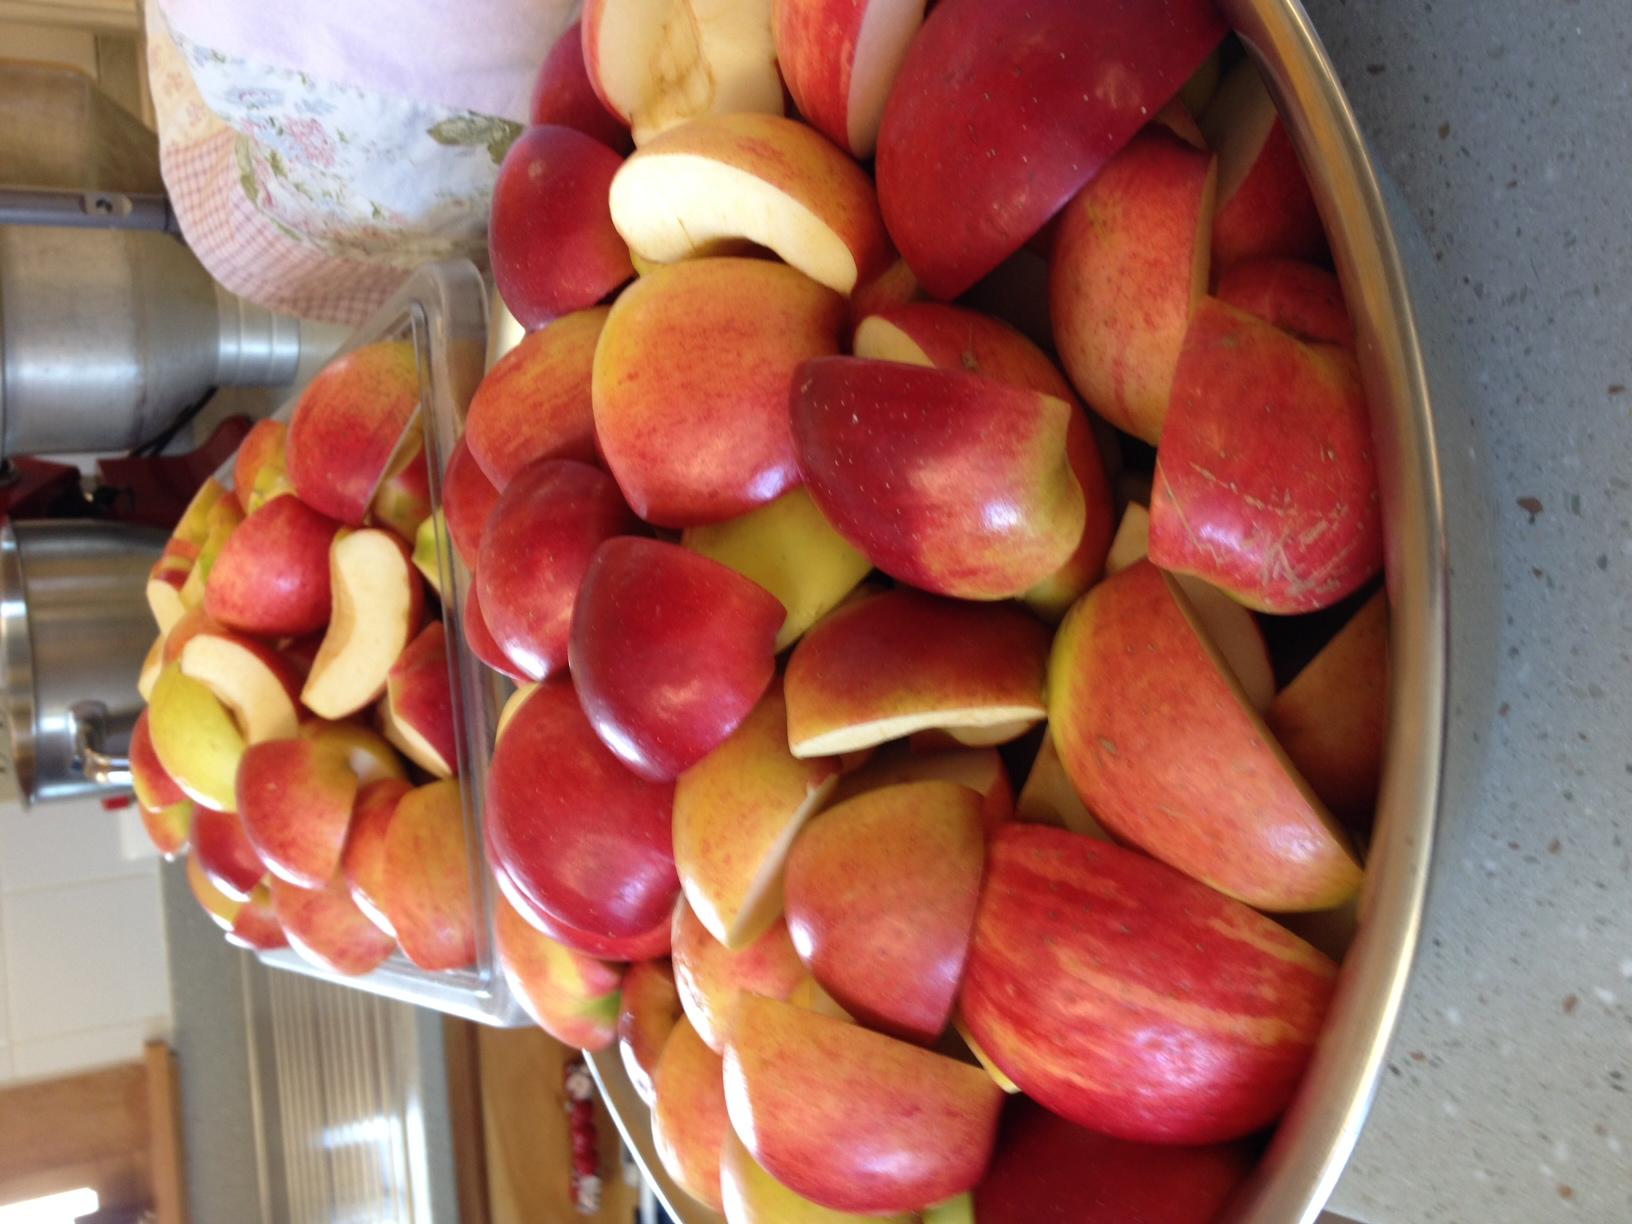 Apples Prepped For Applesauce